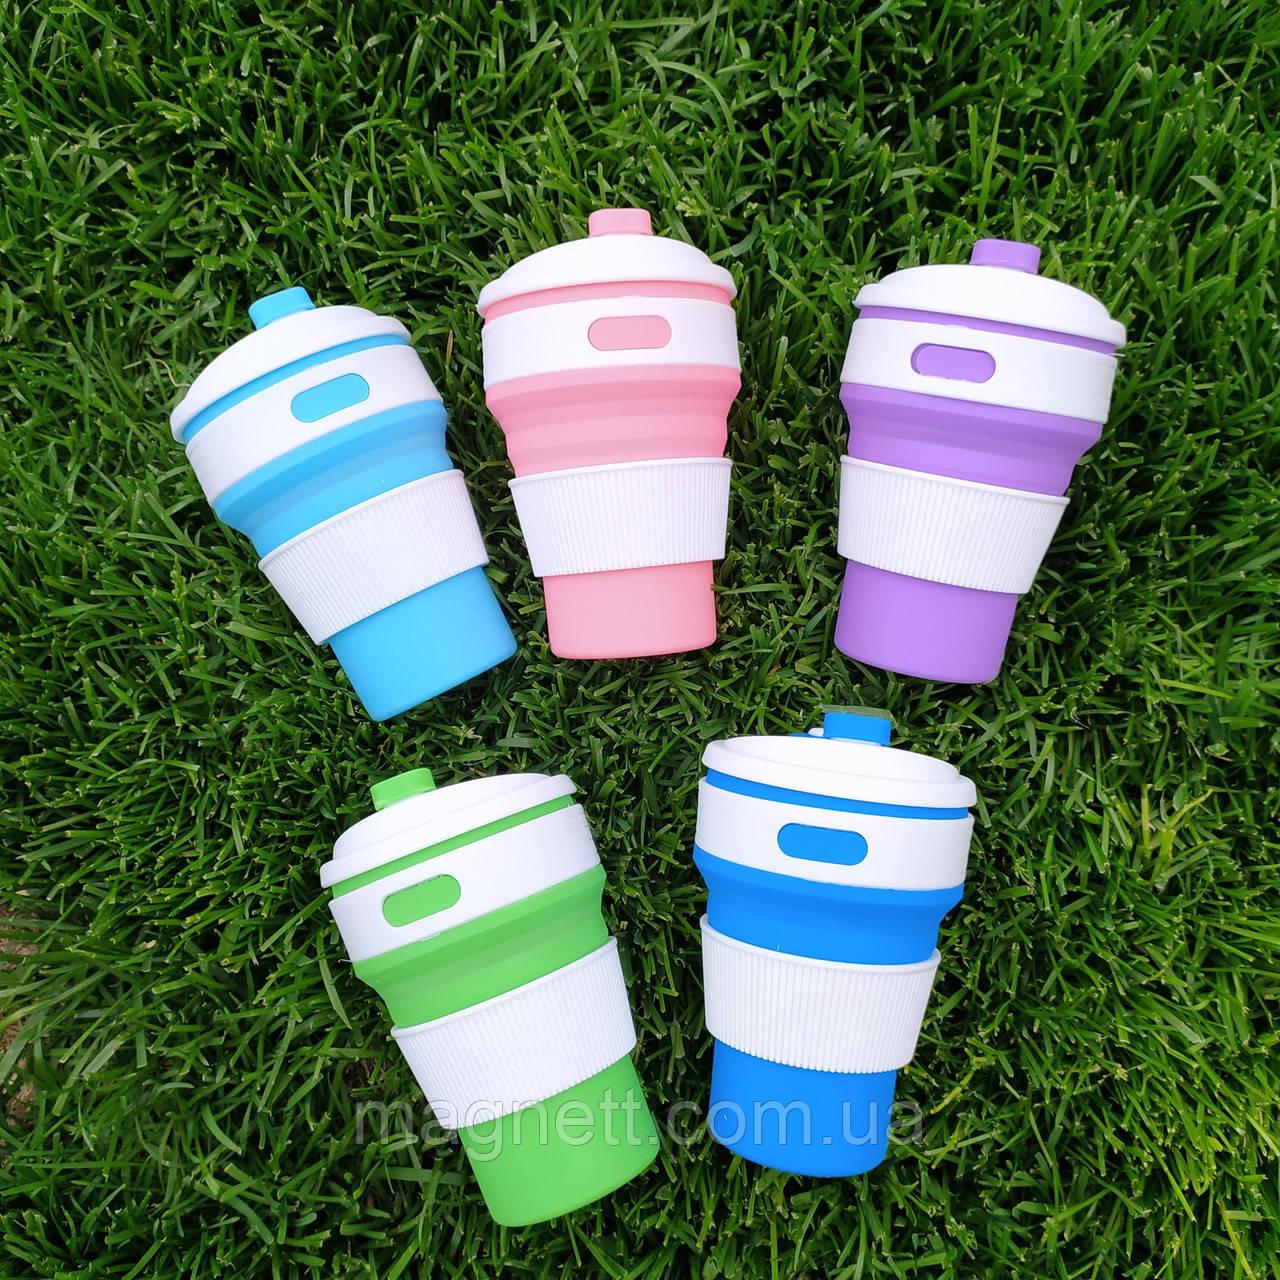 Складной силиконовый стакан Collapsible Coffee Cup (5 цветов)